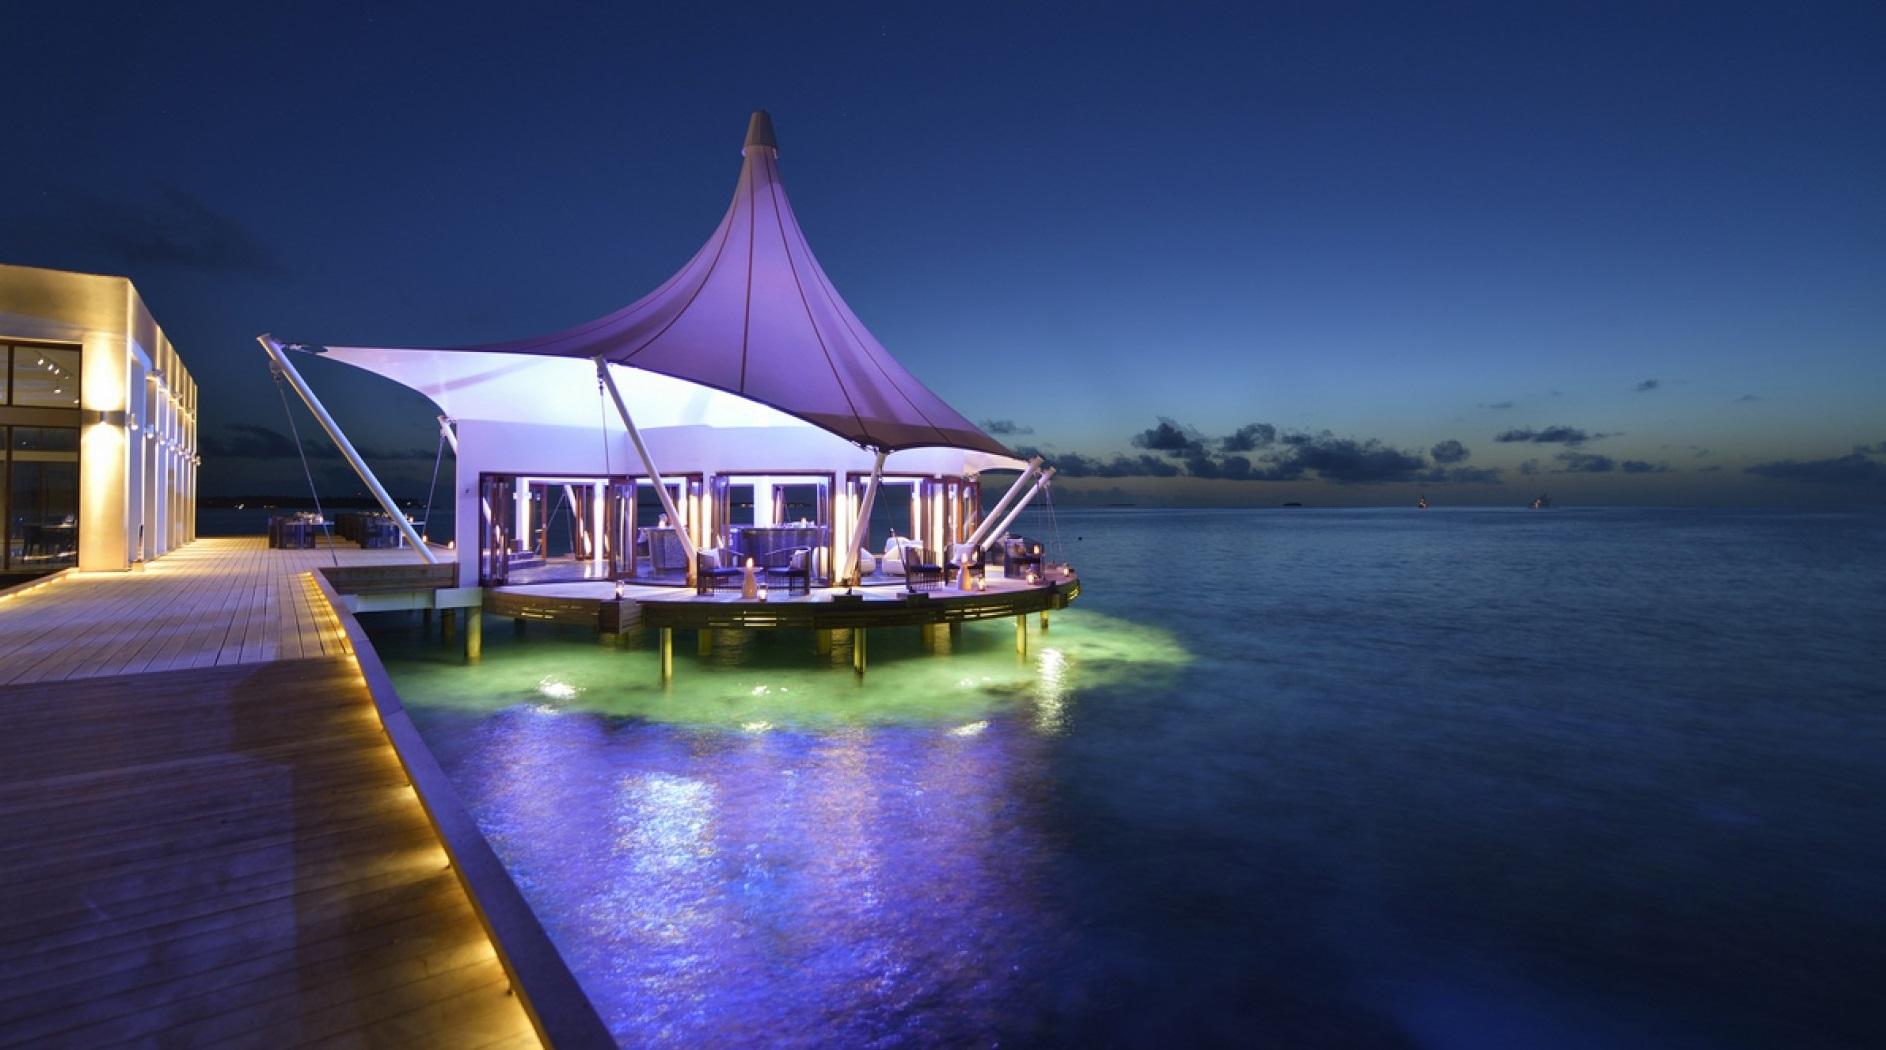 Maldivas-in-tensile-architecture-